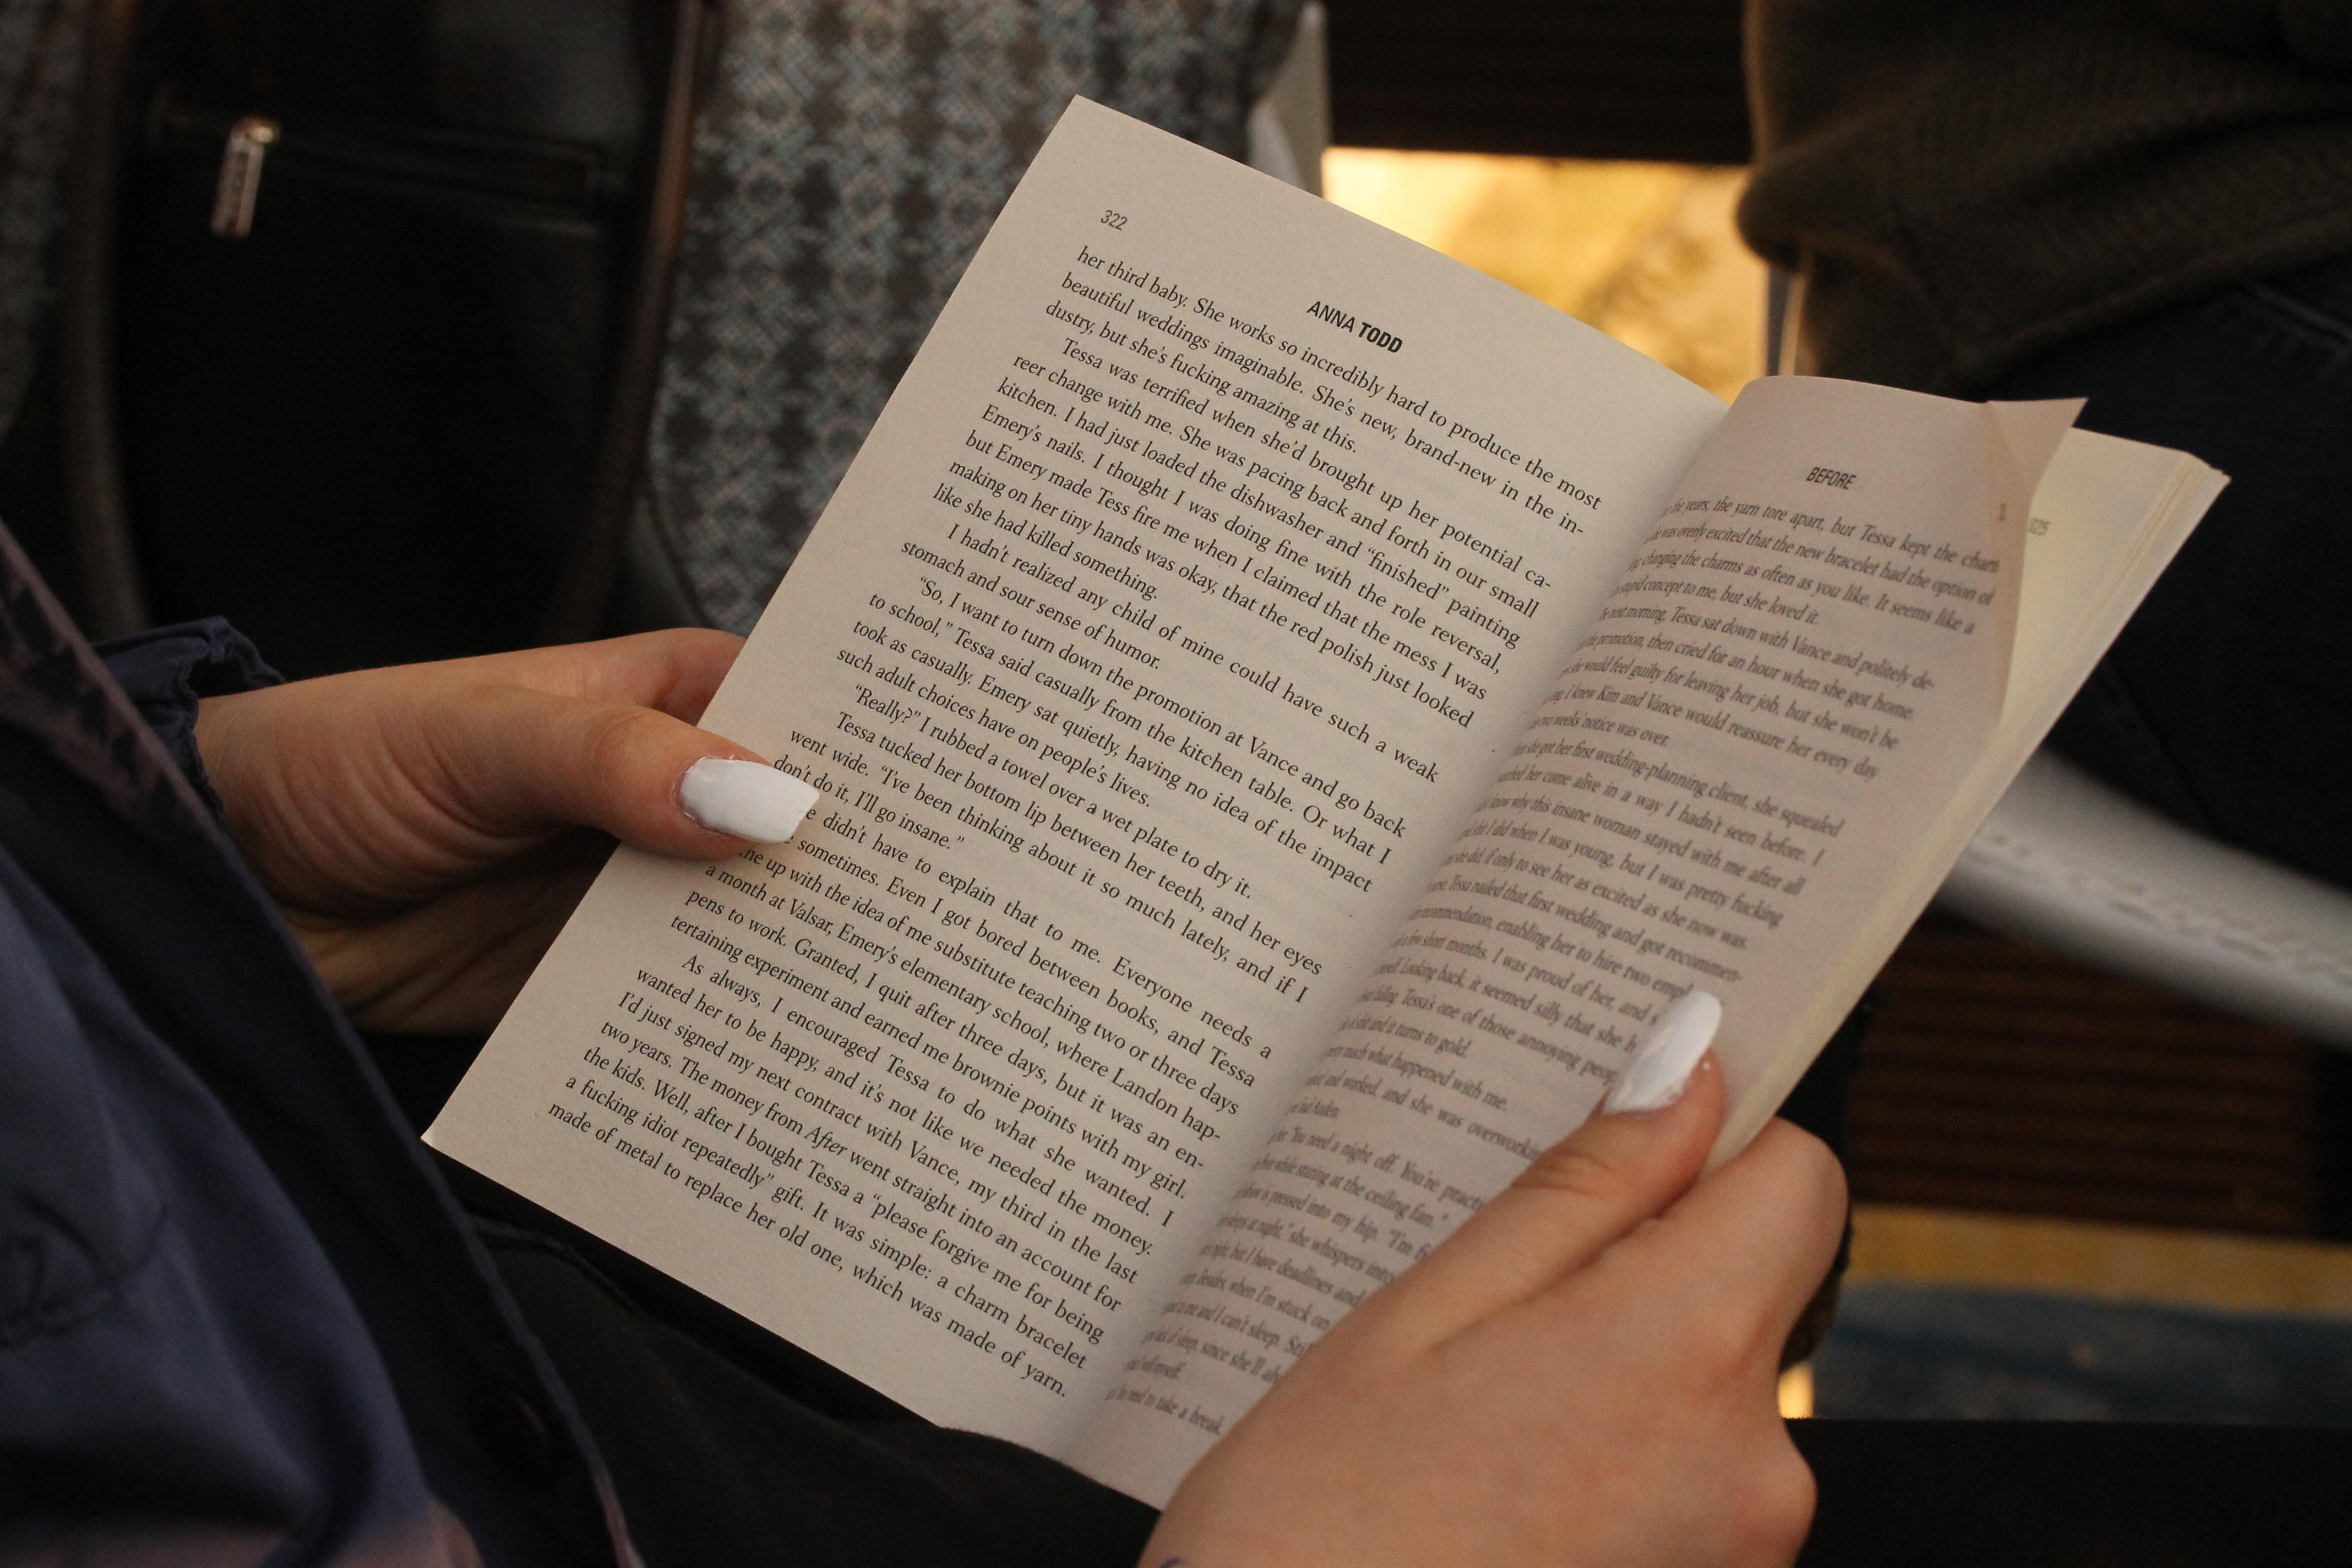 open book to describe wise